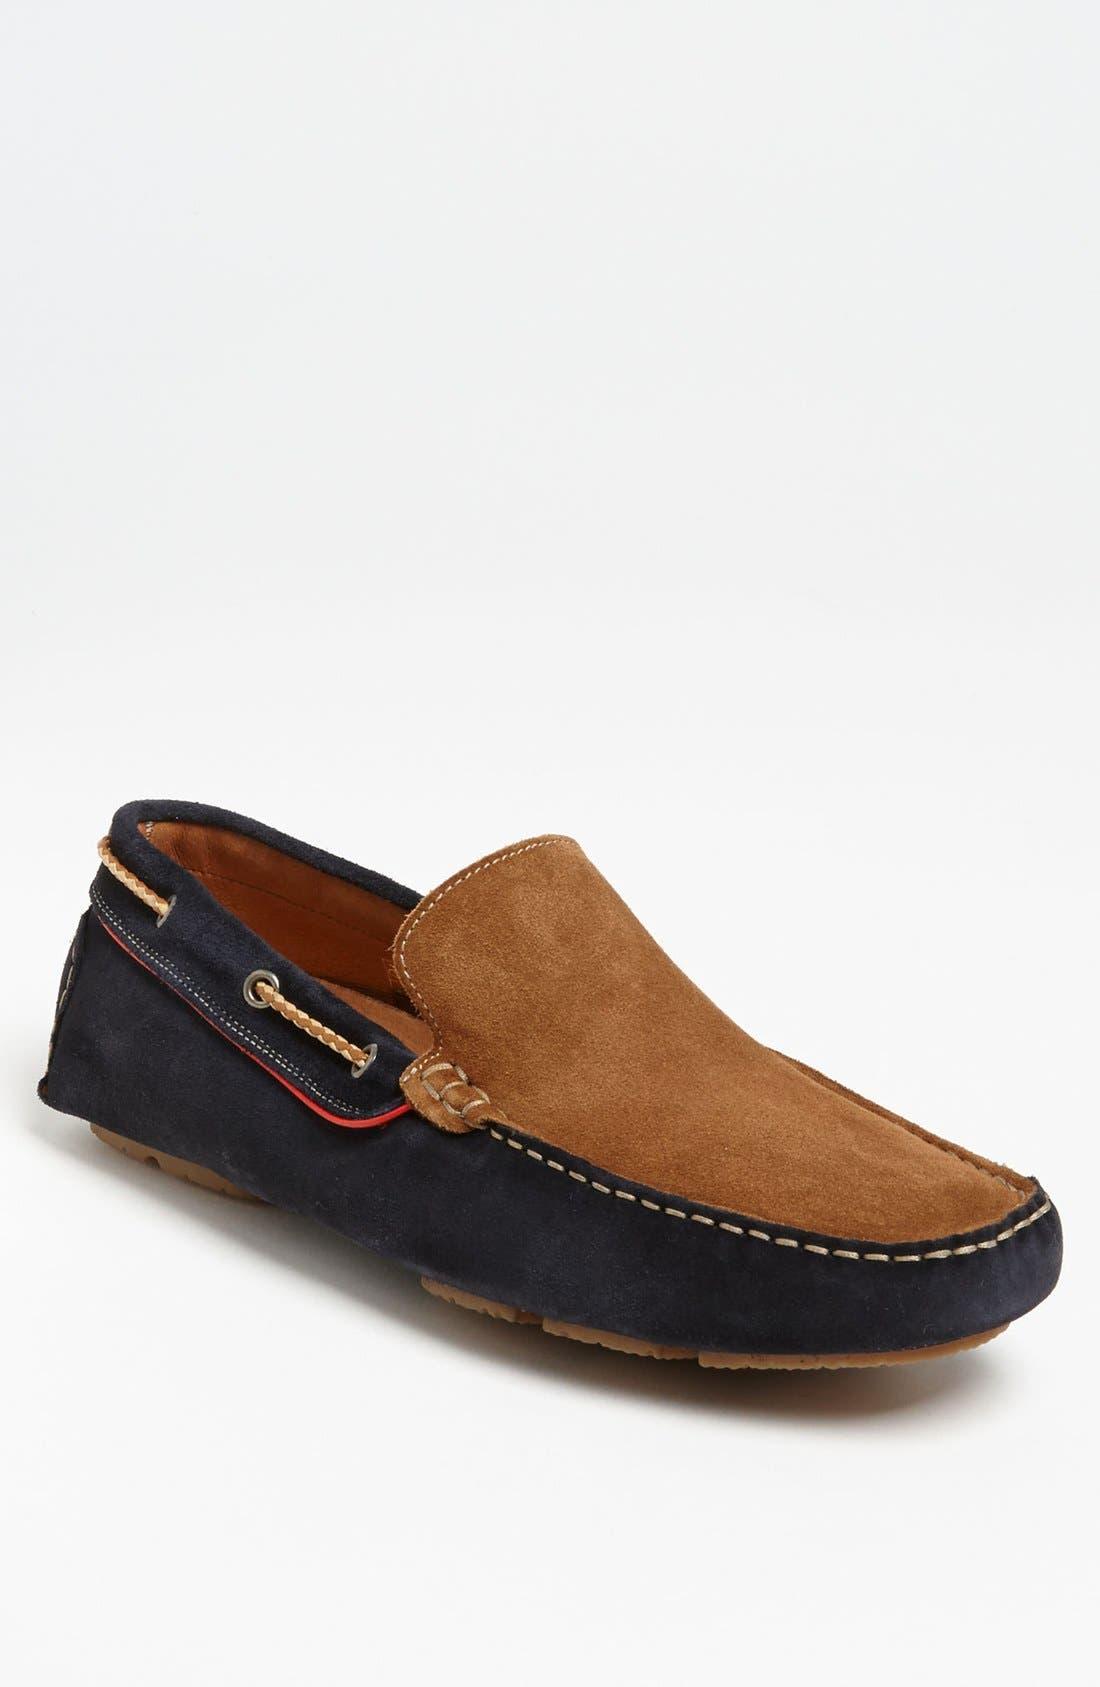 Main Image - Bacco Bucci 'Adani' Driving Shoe